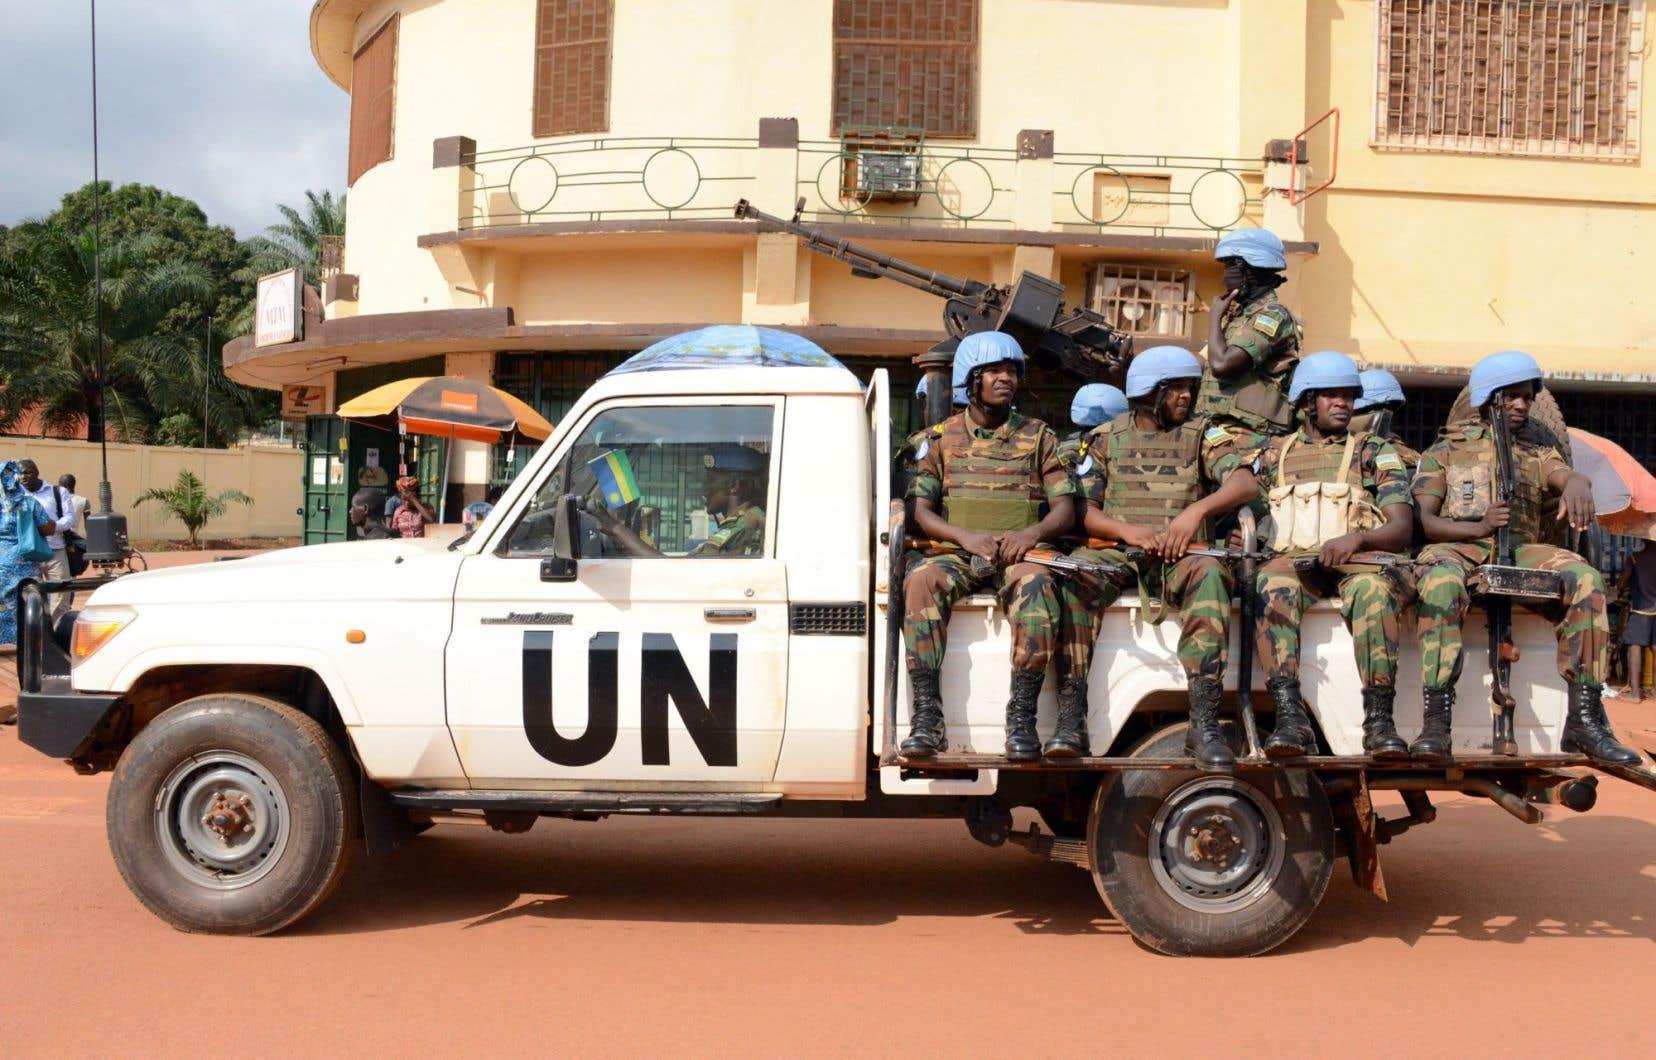 Des soldats rwandais faisant partie de la mission de maintien de la paix de l'ONU patrouillant dans les rues de la capitale de la République centrafricaine, Bangui